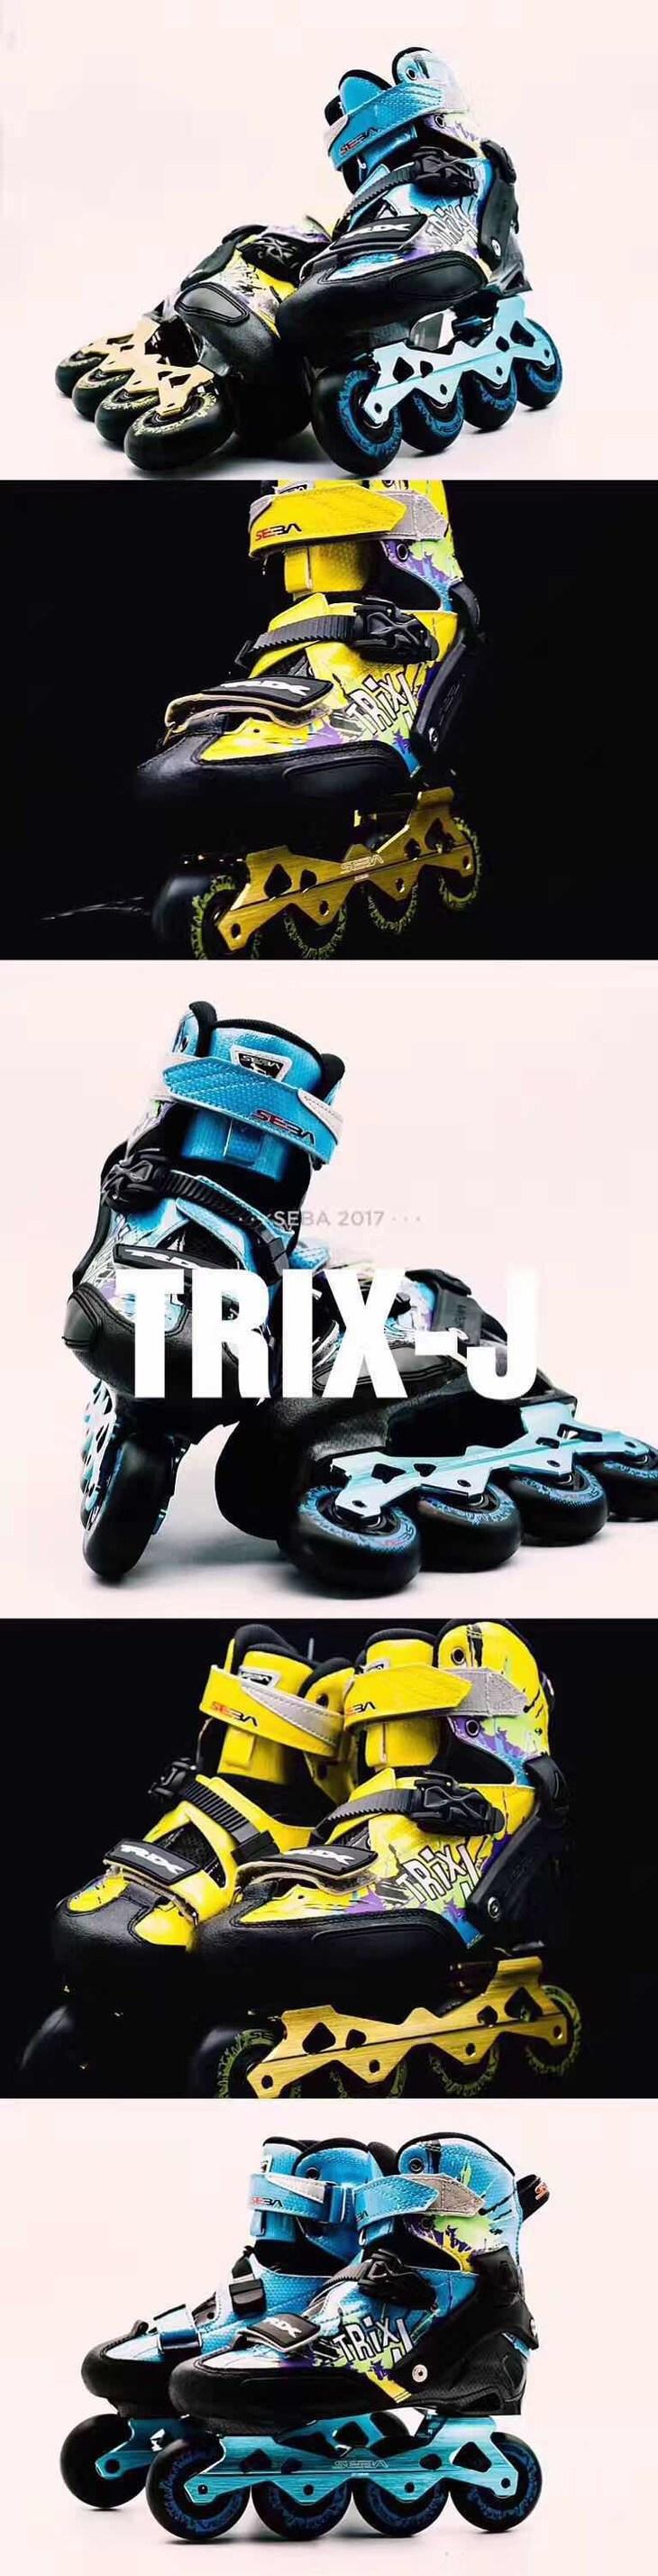 【轮舞器材】seba trix-j专业平花鞋(校园)